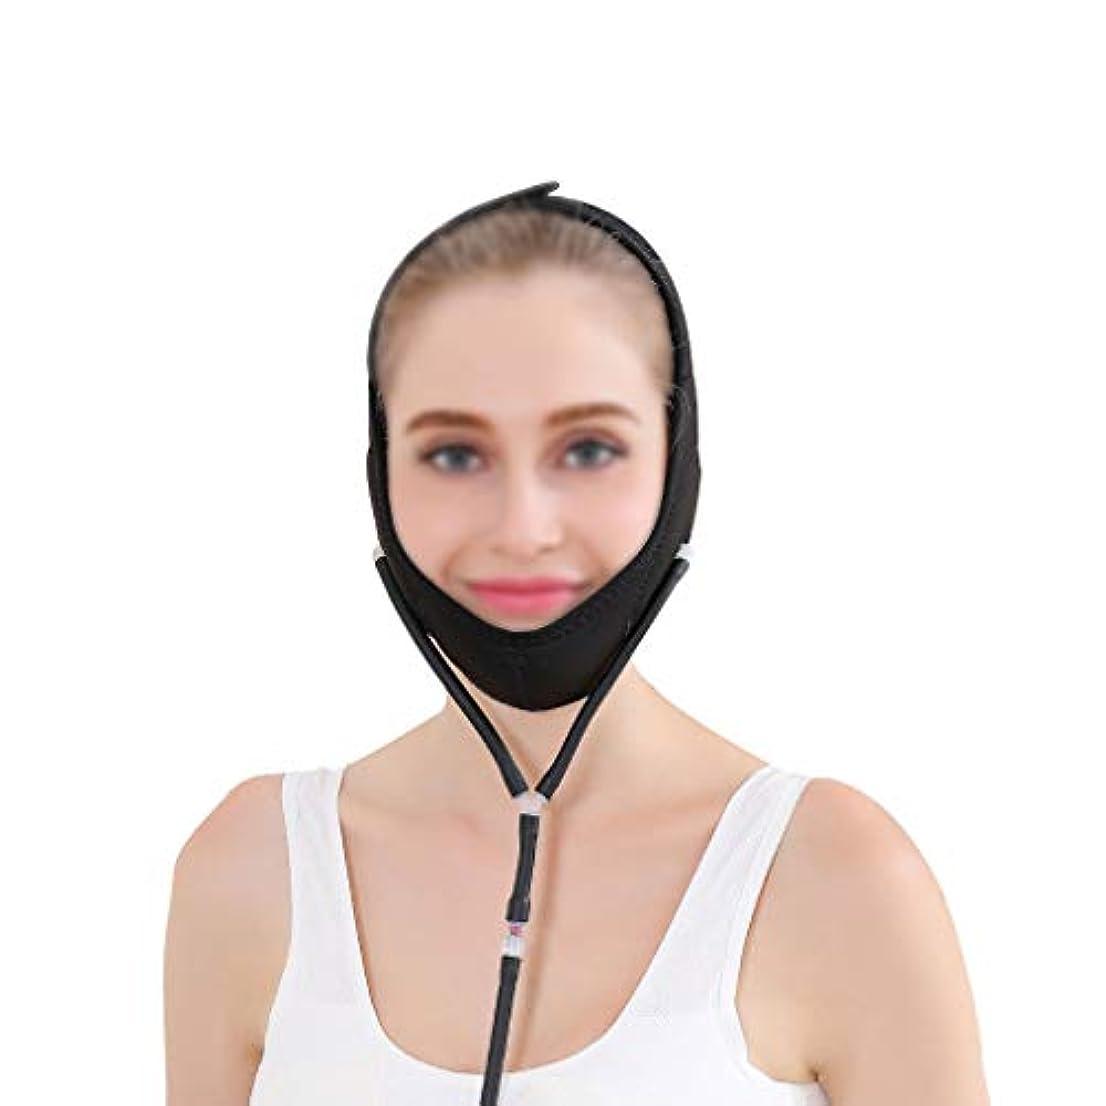 衰えるハンサム交通GLJJQMY 表面持ち上がる包帯の膨脹可能な圧力回復マスク持ち上がる張力包帯は二重あごを減らします 顔用整形マスク